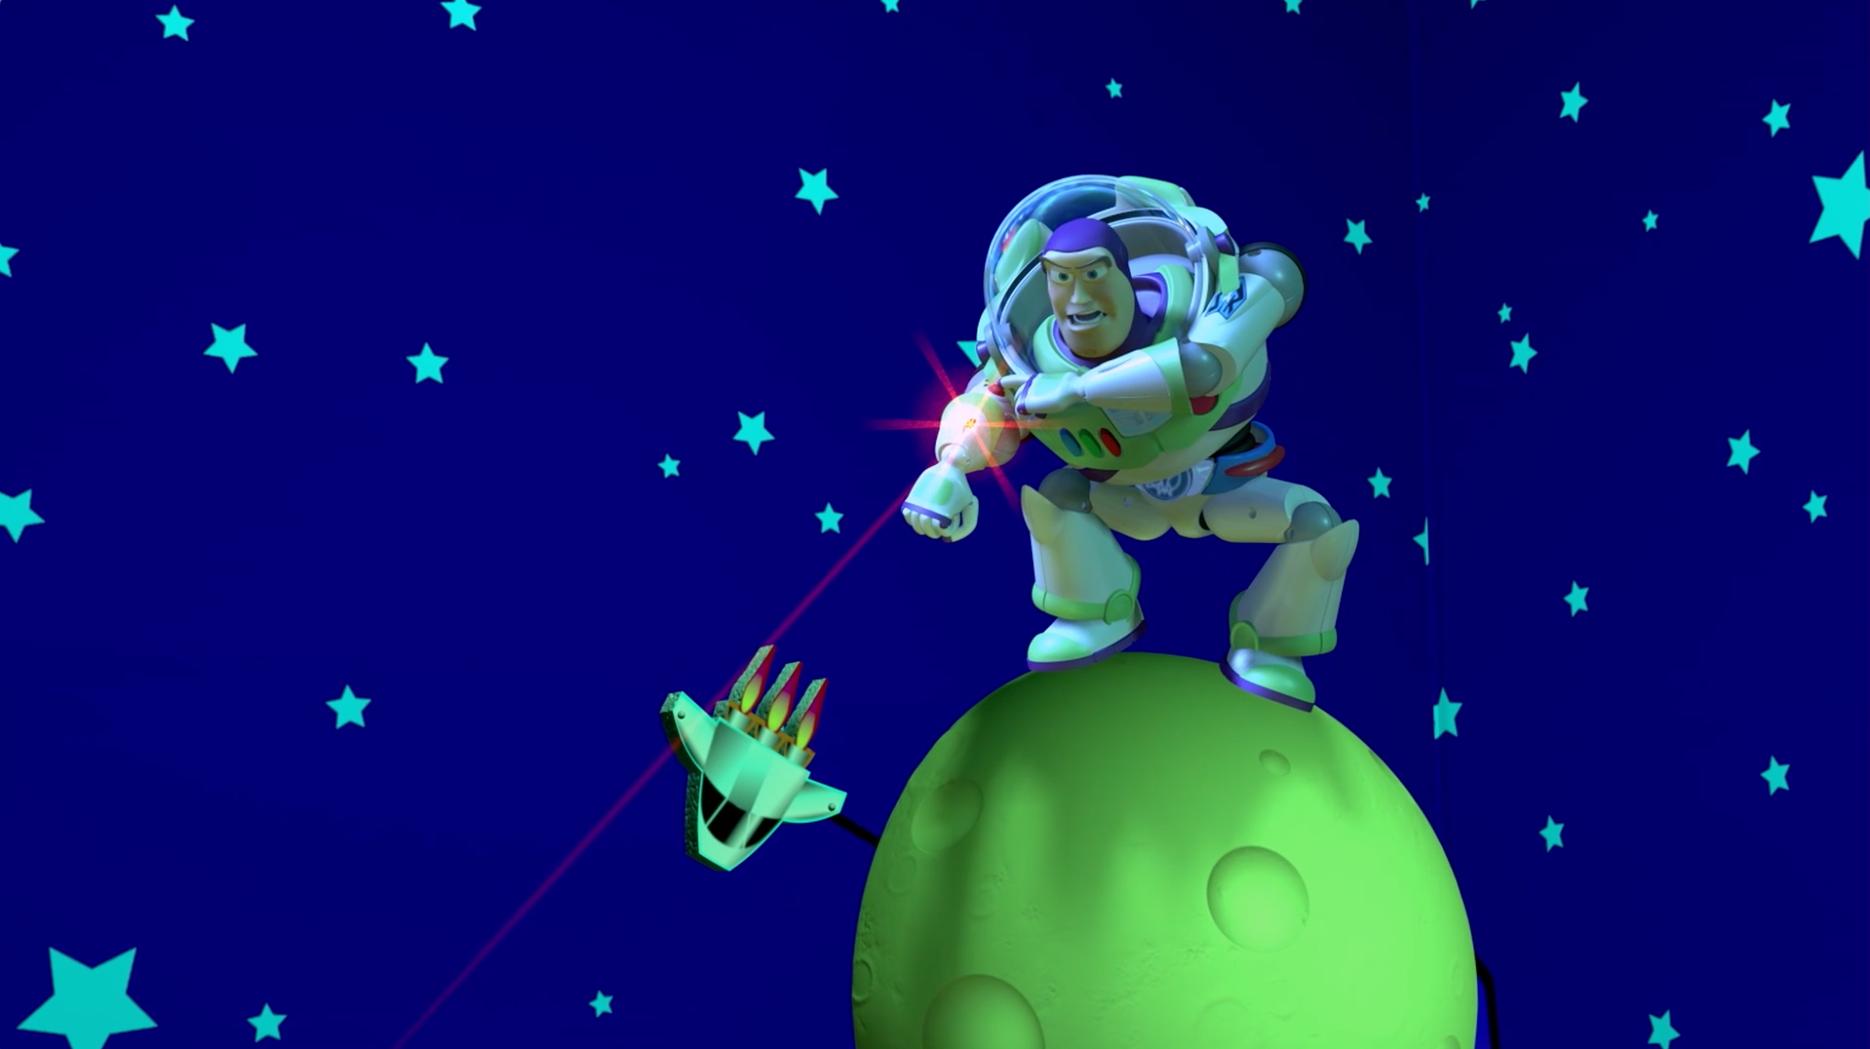 Remix: Buzz Lightyear